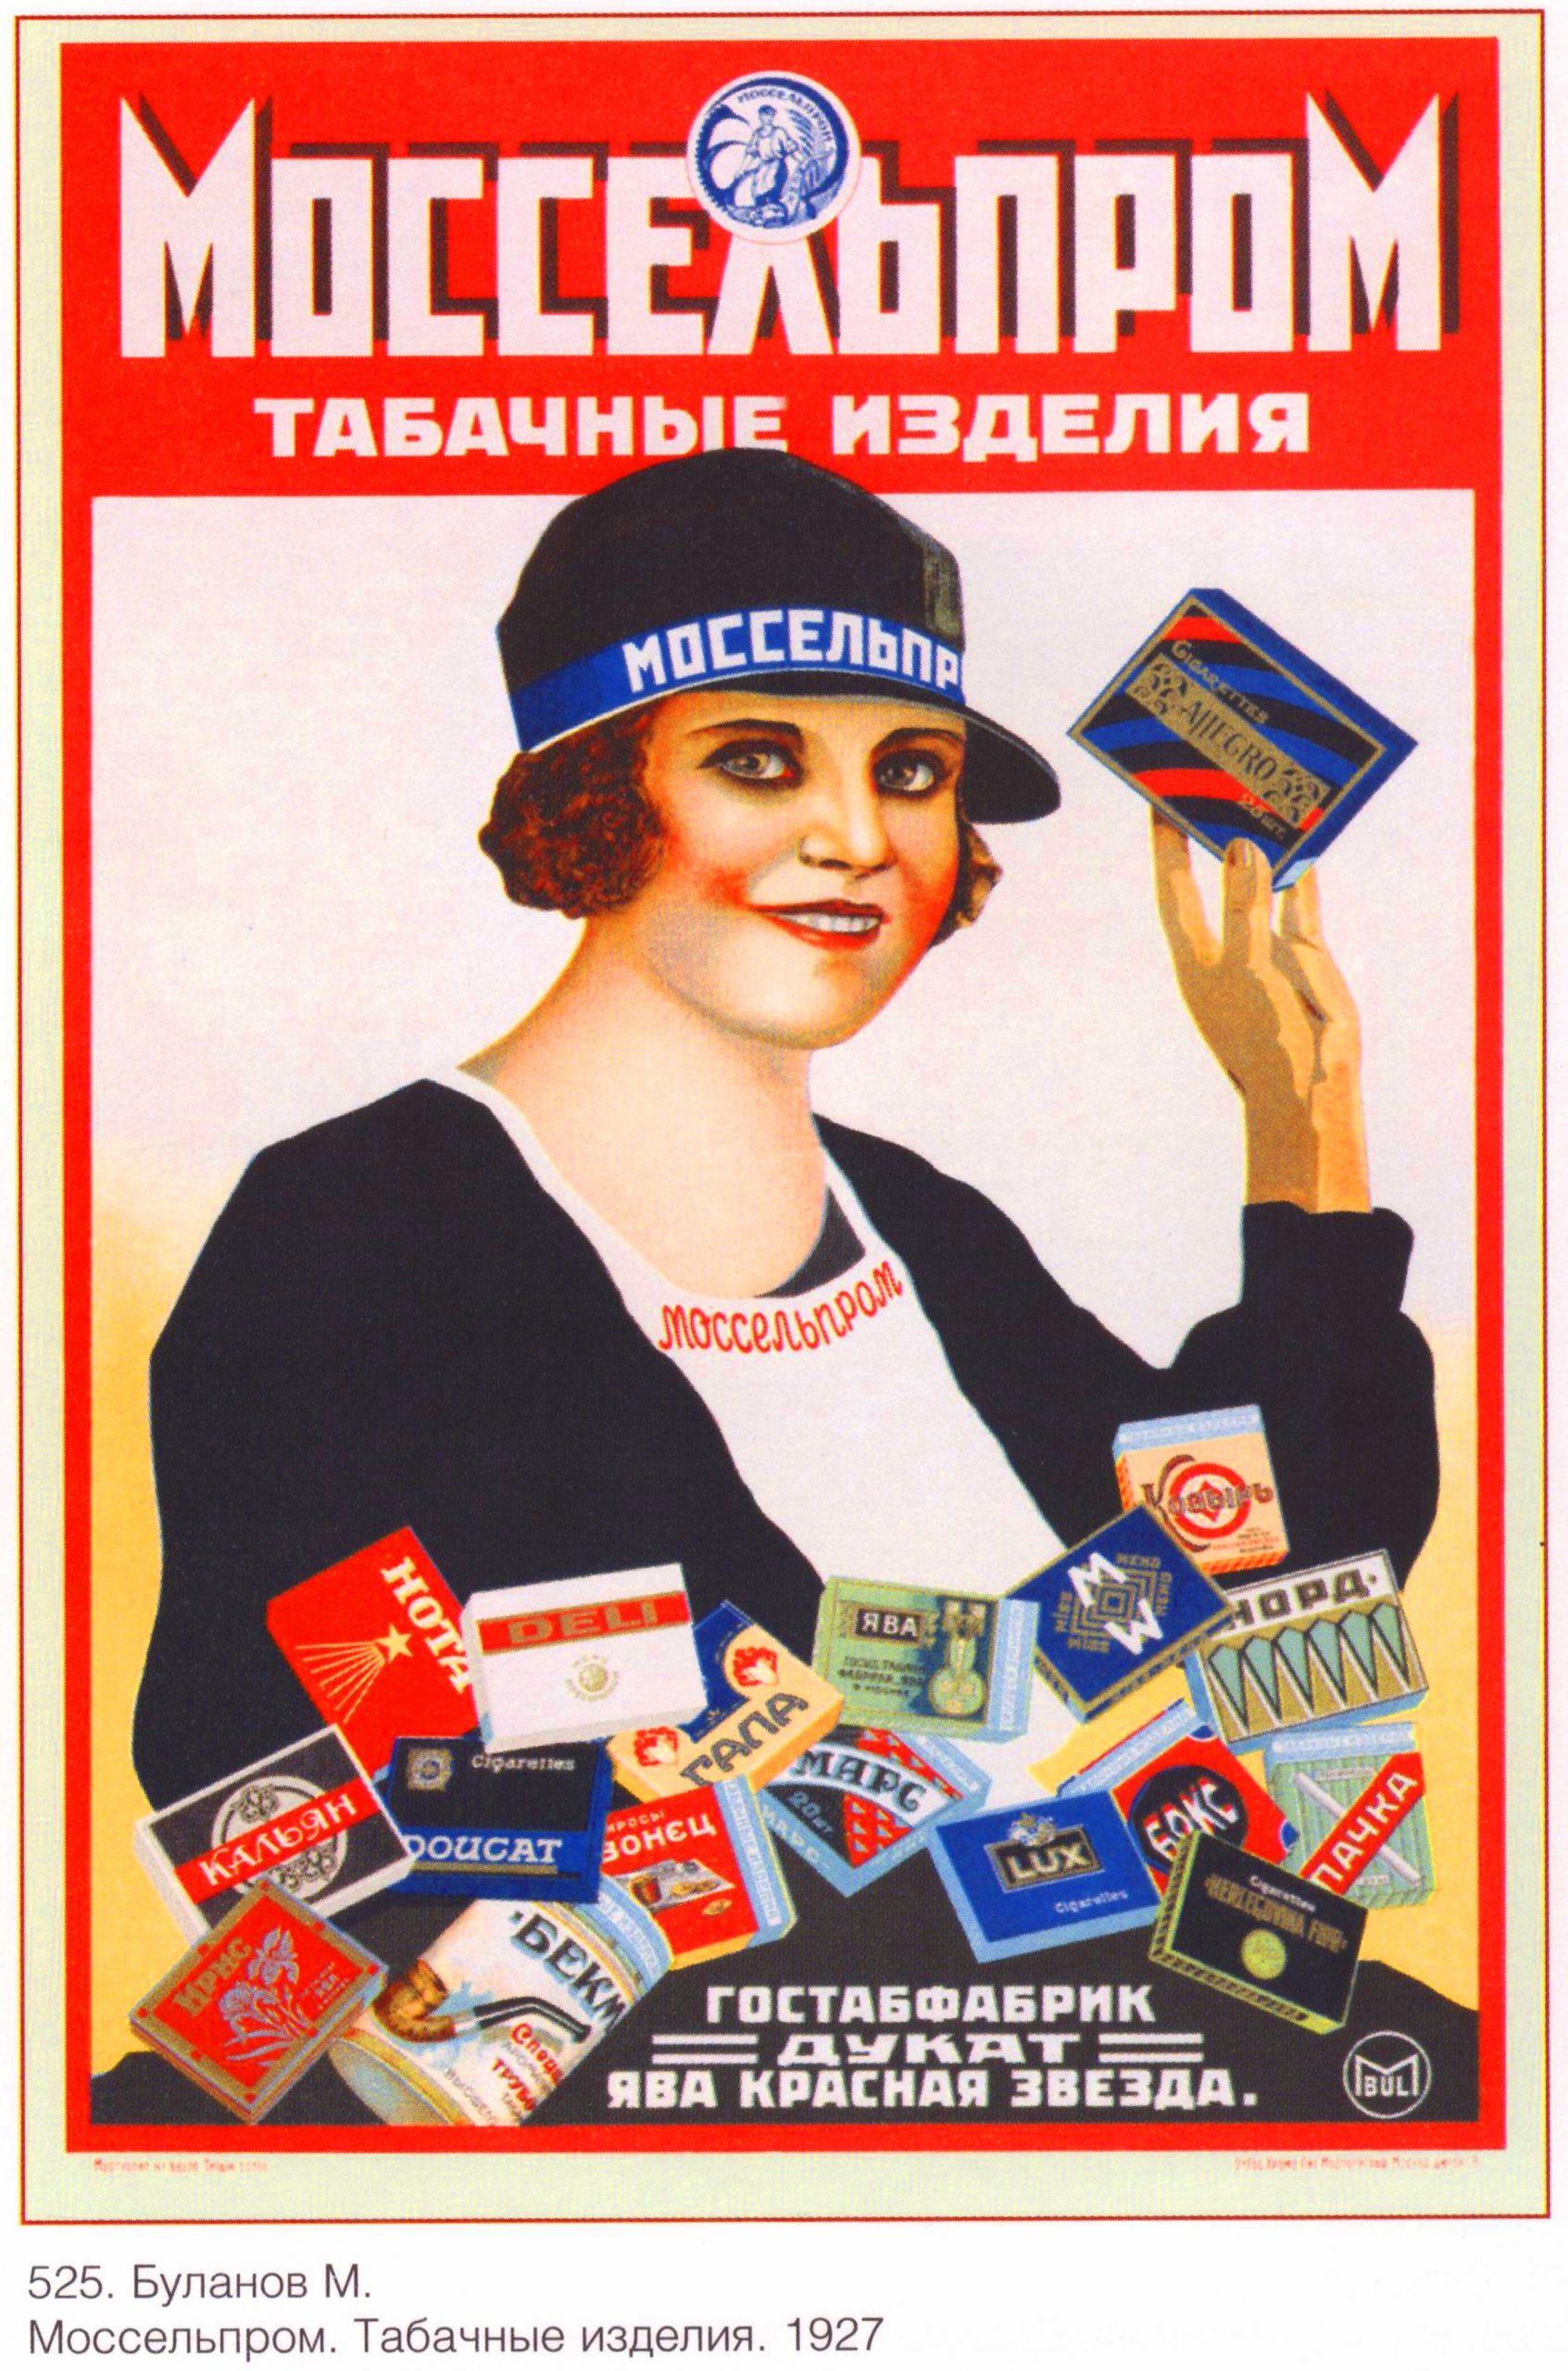 Моссельпром – Табачные изделия